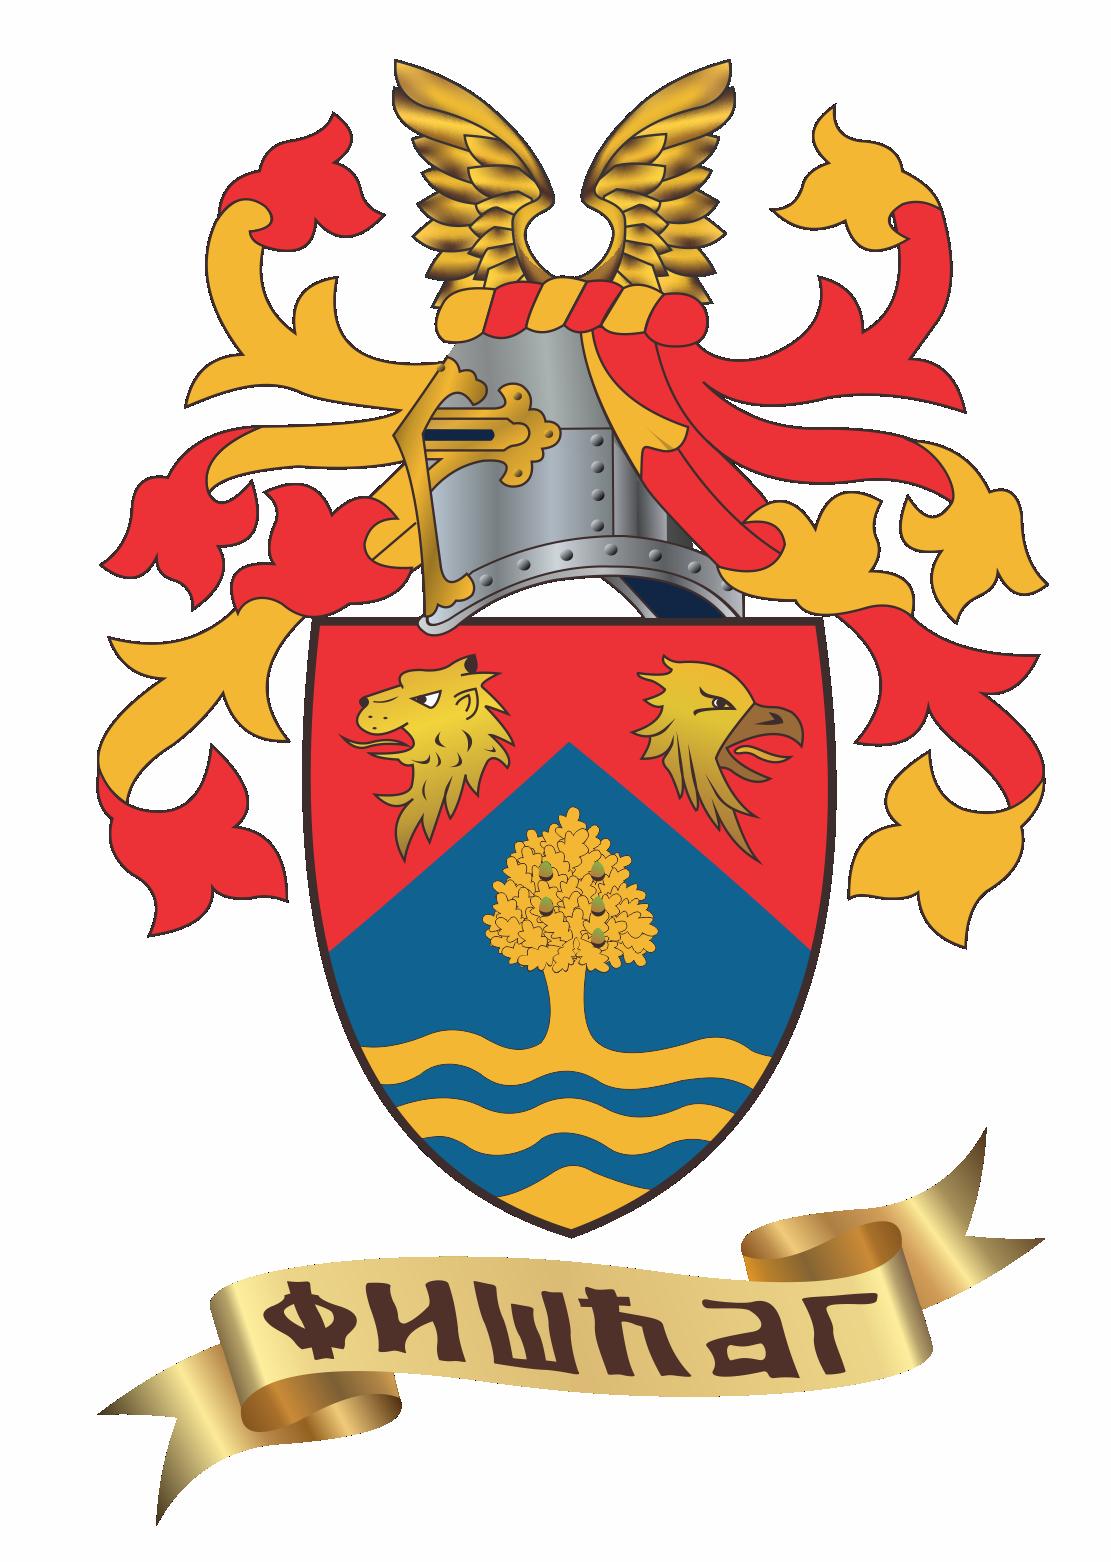 Porodični grb Fišćag-veliki grb bez pozadine slika